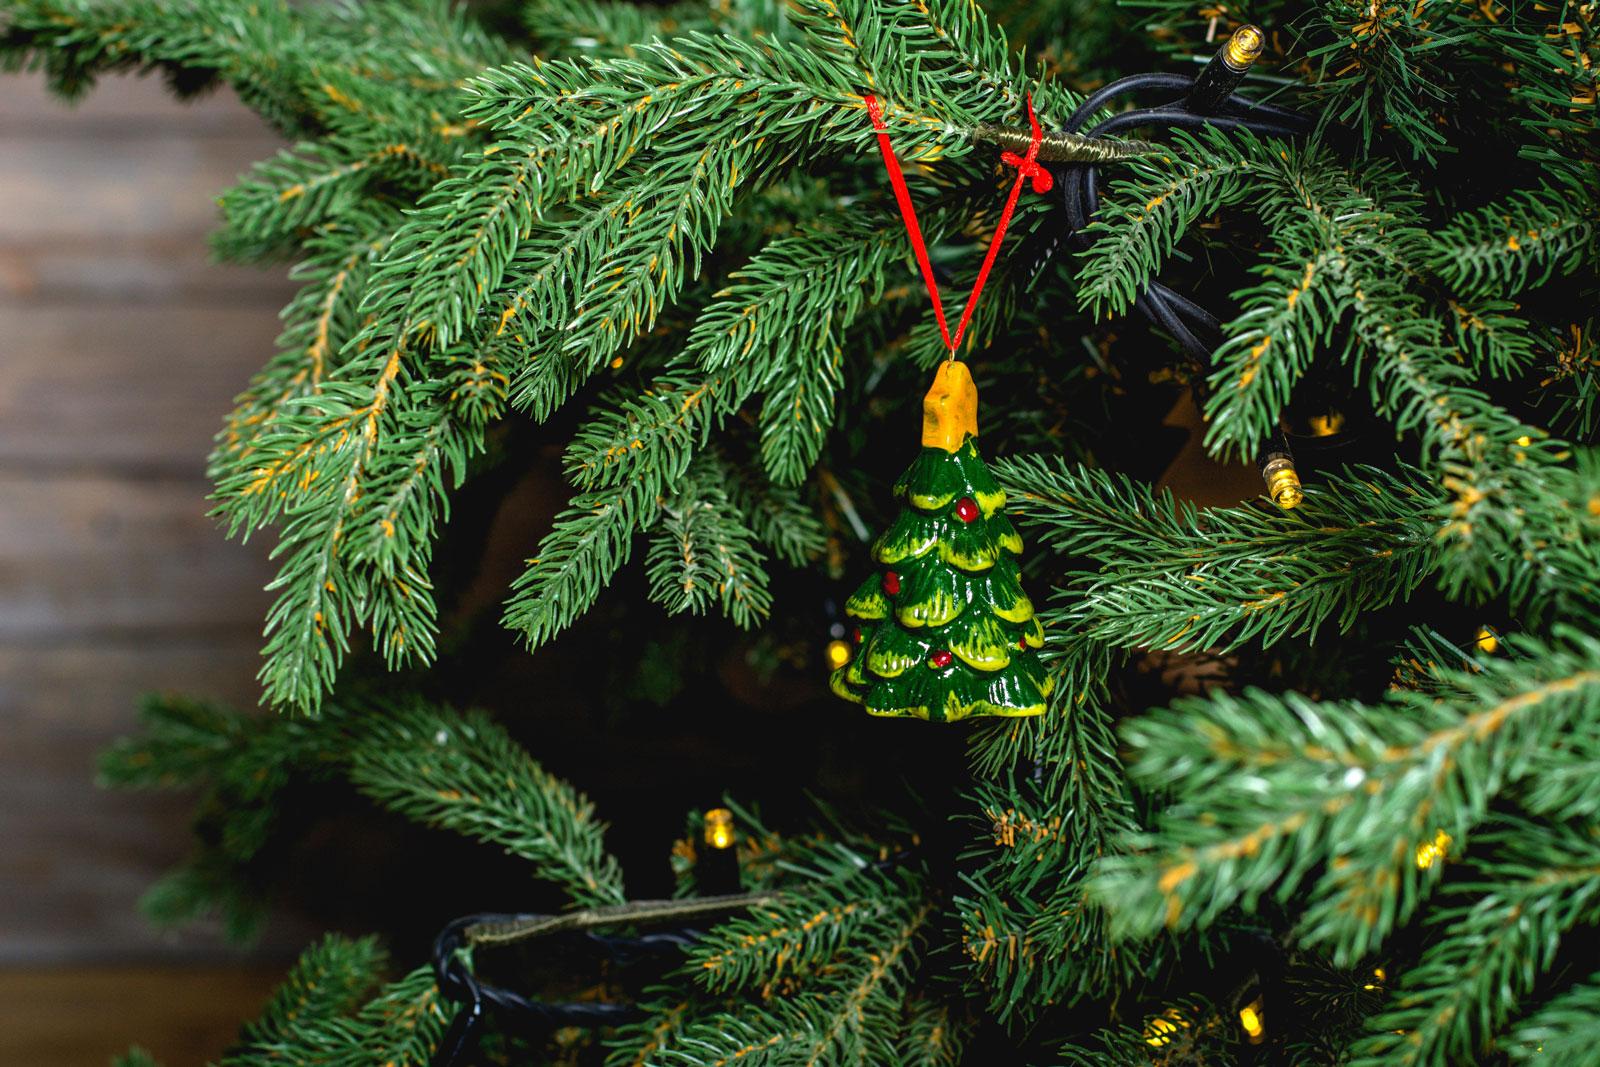 Tú árbol de Navidad puede ser útil después de las fiestas